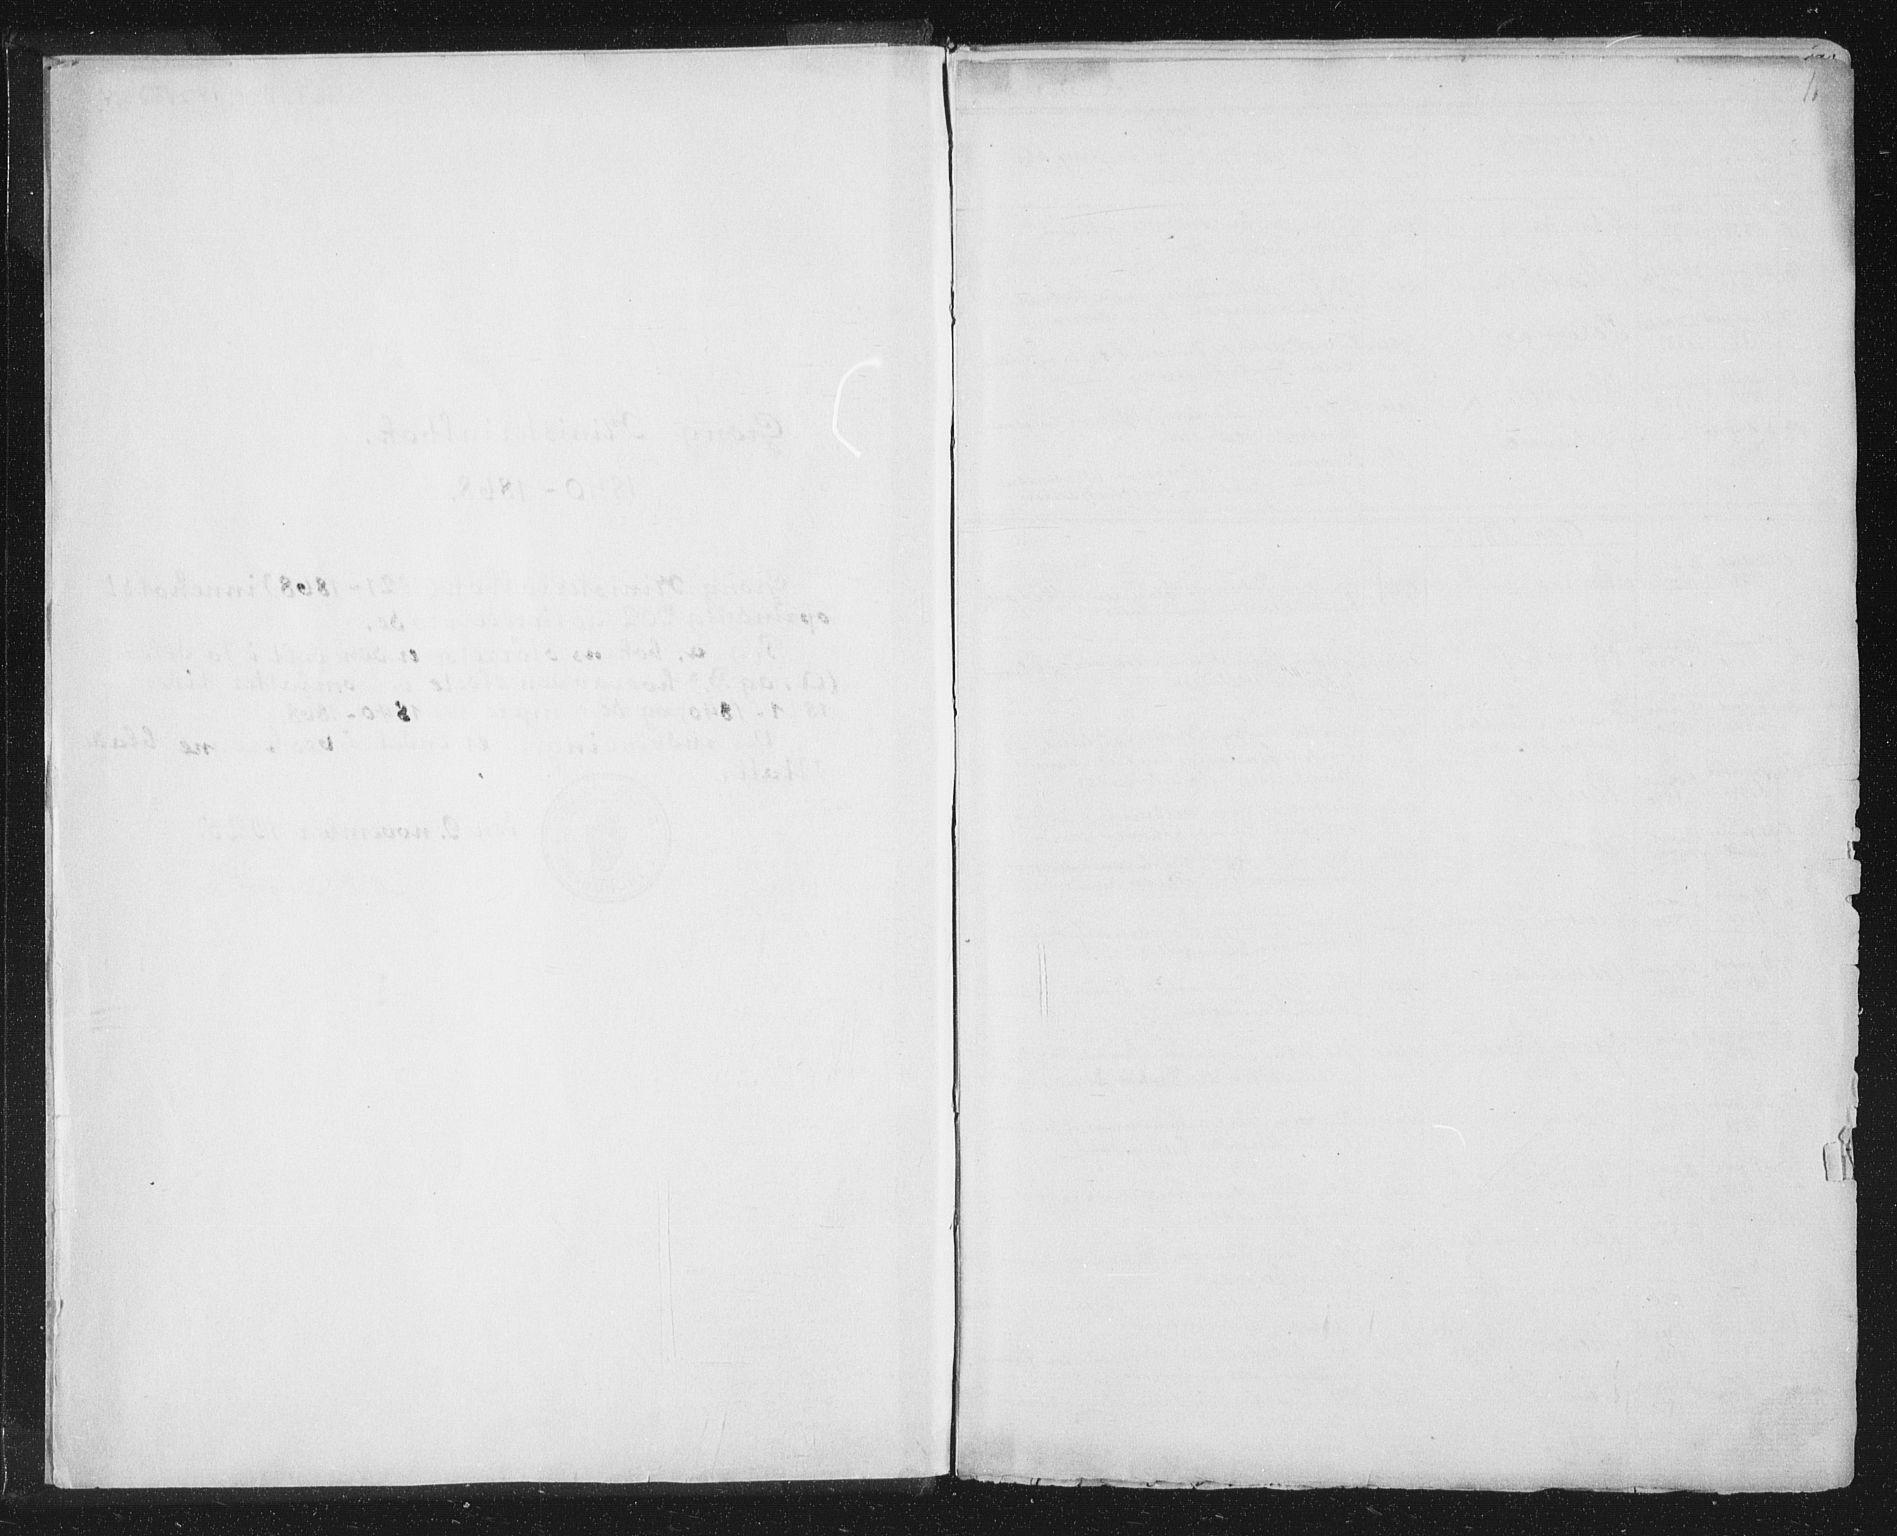 SAT, Ministerialprotokoller, klokkerbøker og fødselsregistre - Nord-Trøndelag, 758/L0513: Ministerialbok nr. 758A02 /1, 1839-1868, s. 1